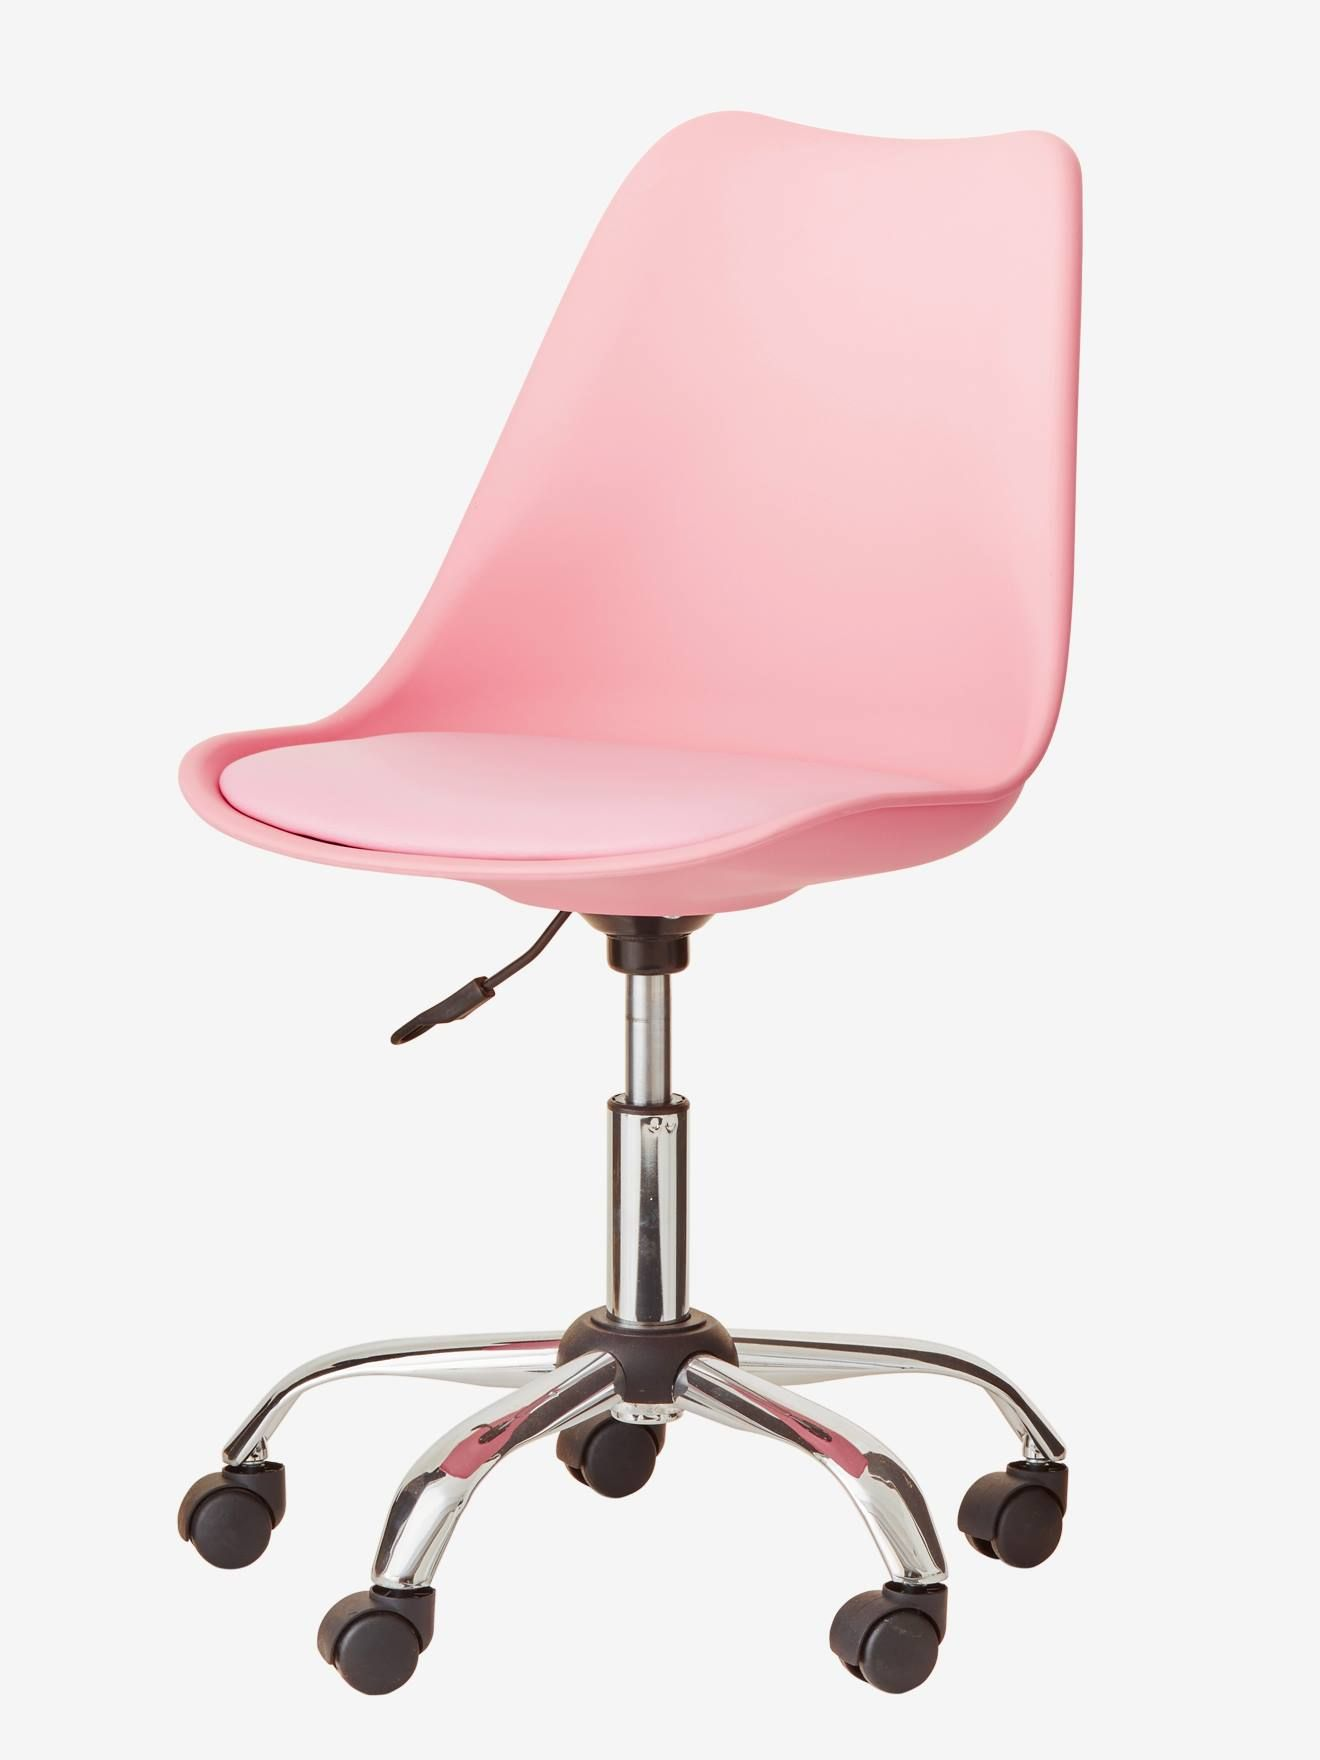 Chaise De Bureau Primaire A Roulettes Rose Vertbaudet Chaise Bureau Chaise Bureau Enfant Chaise De Chambre